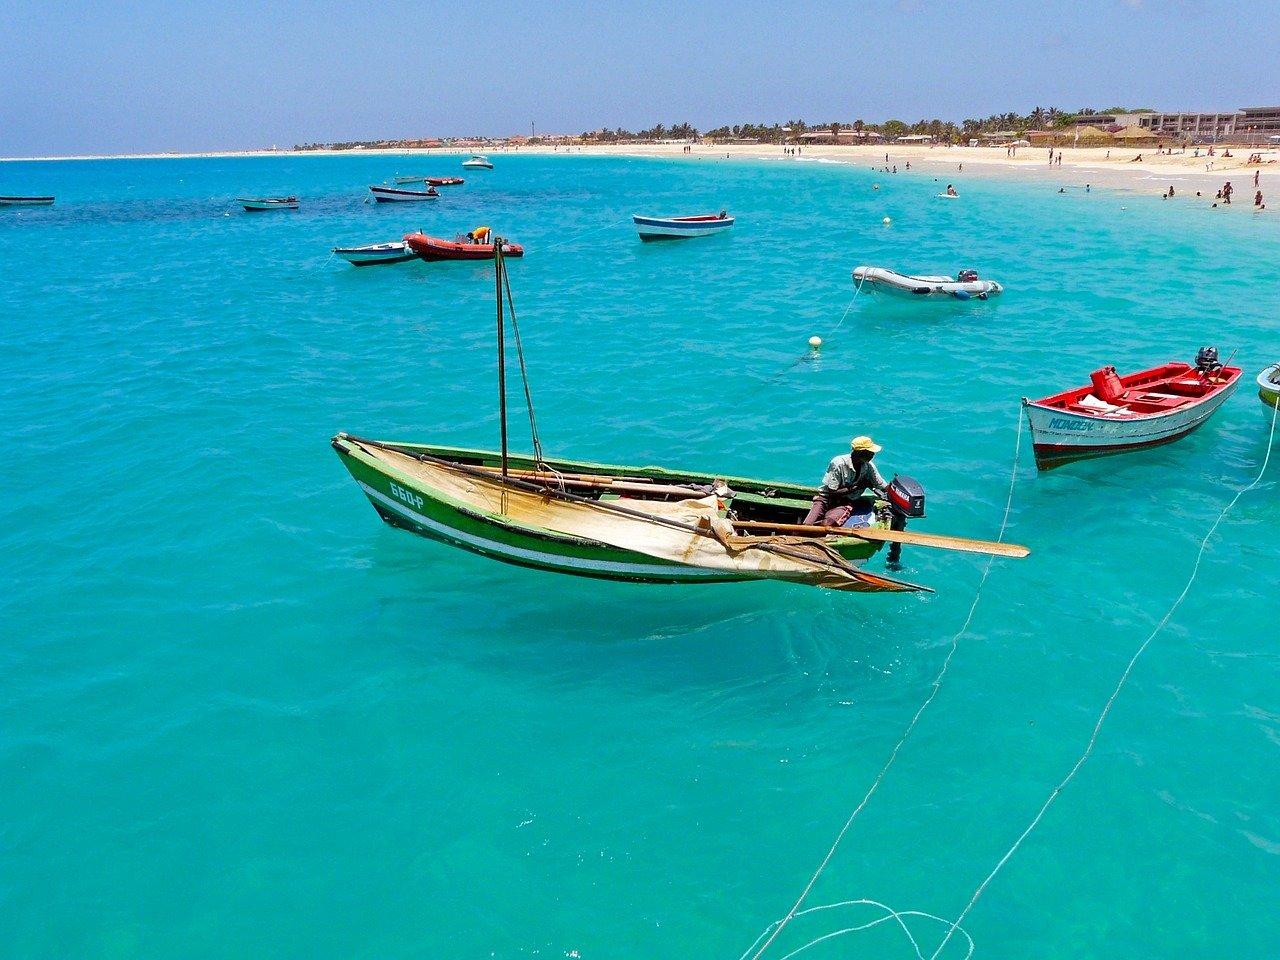 O que ver e fazer em cabo verde 10 locais a visitar - Cabo verde senegal ...